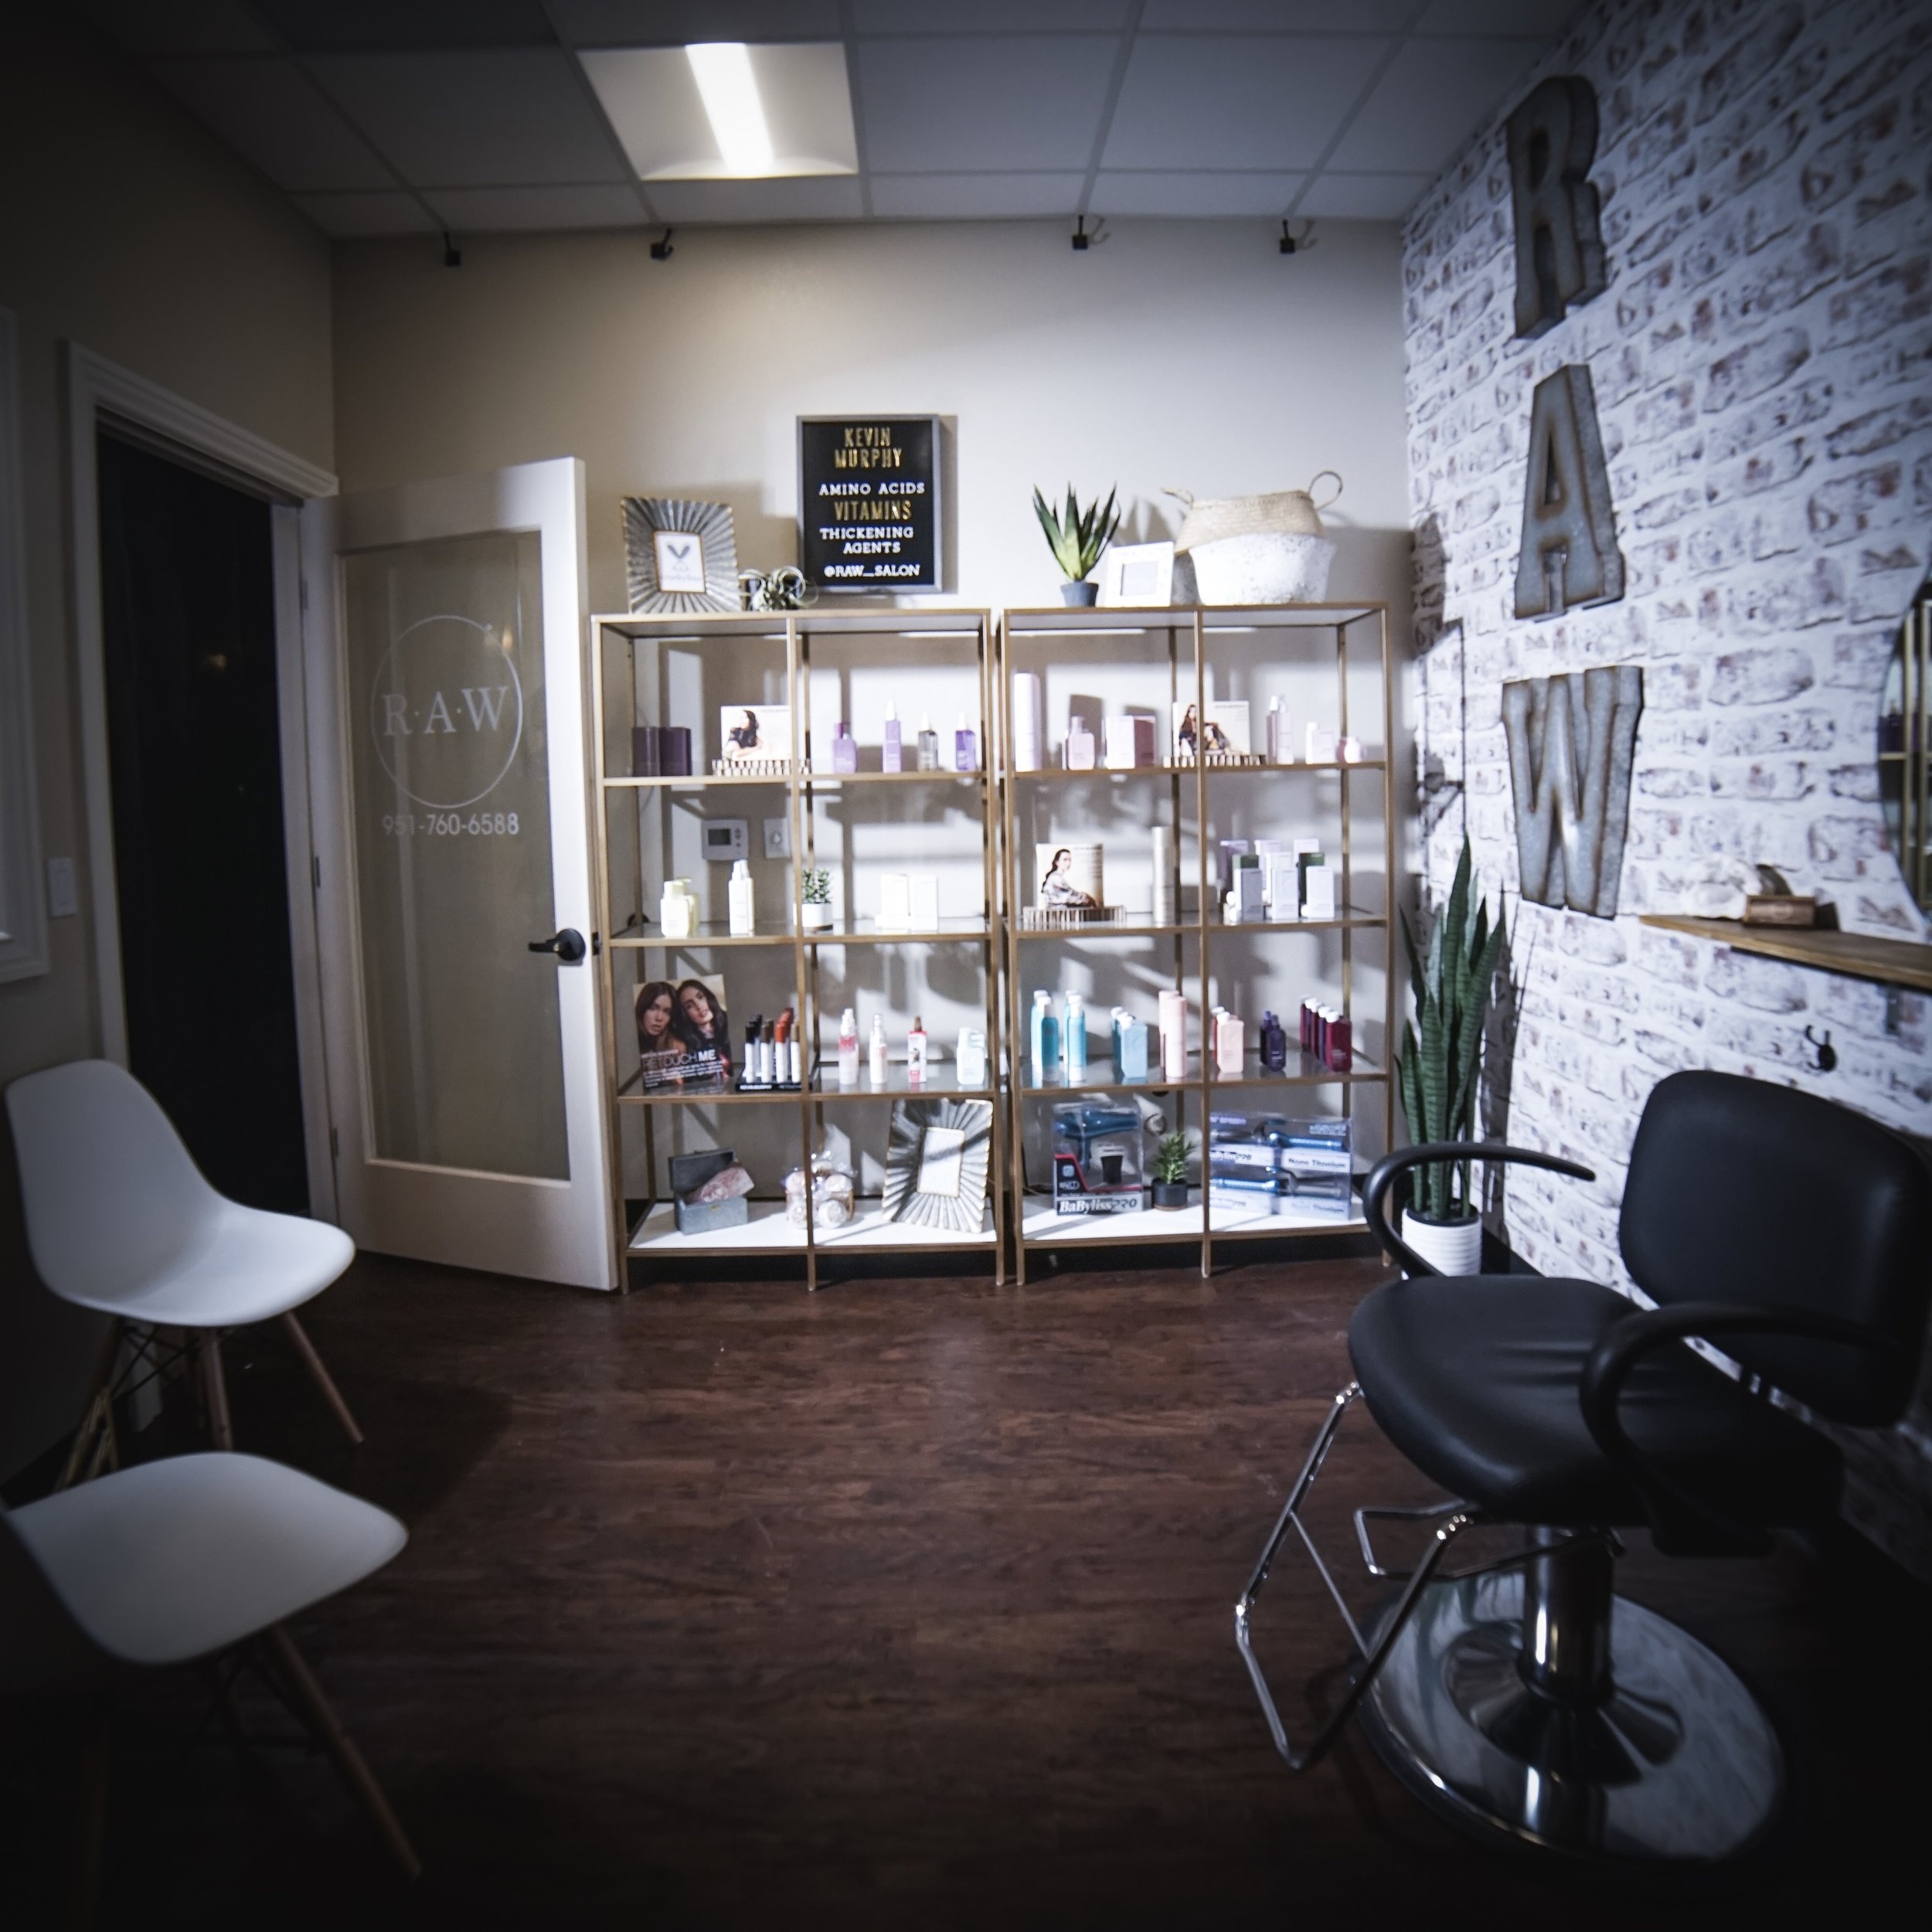 LOCATION - (951) 760-6588Phenix Salon Suites40555 California Oaks Rd. Murrieta, CA, 92562Suite# 112